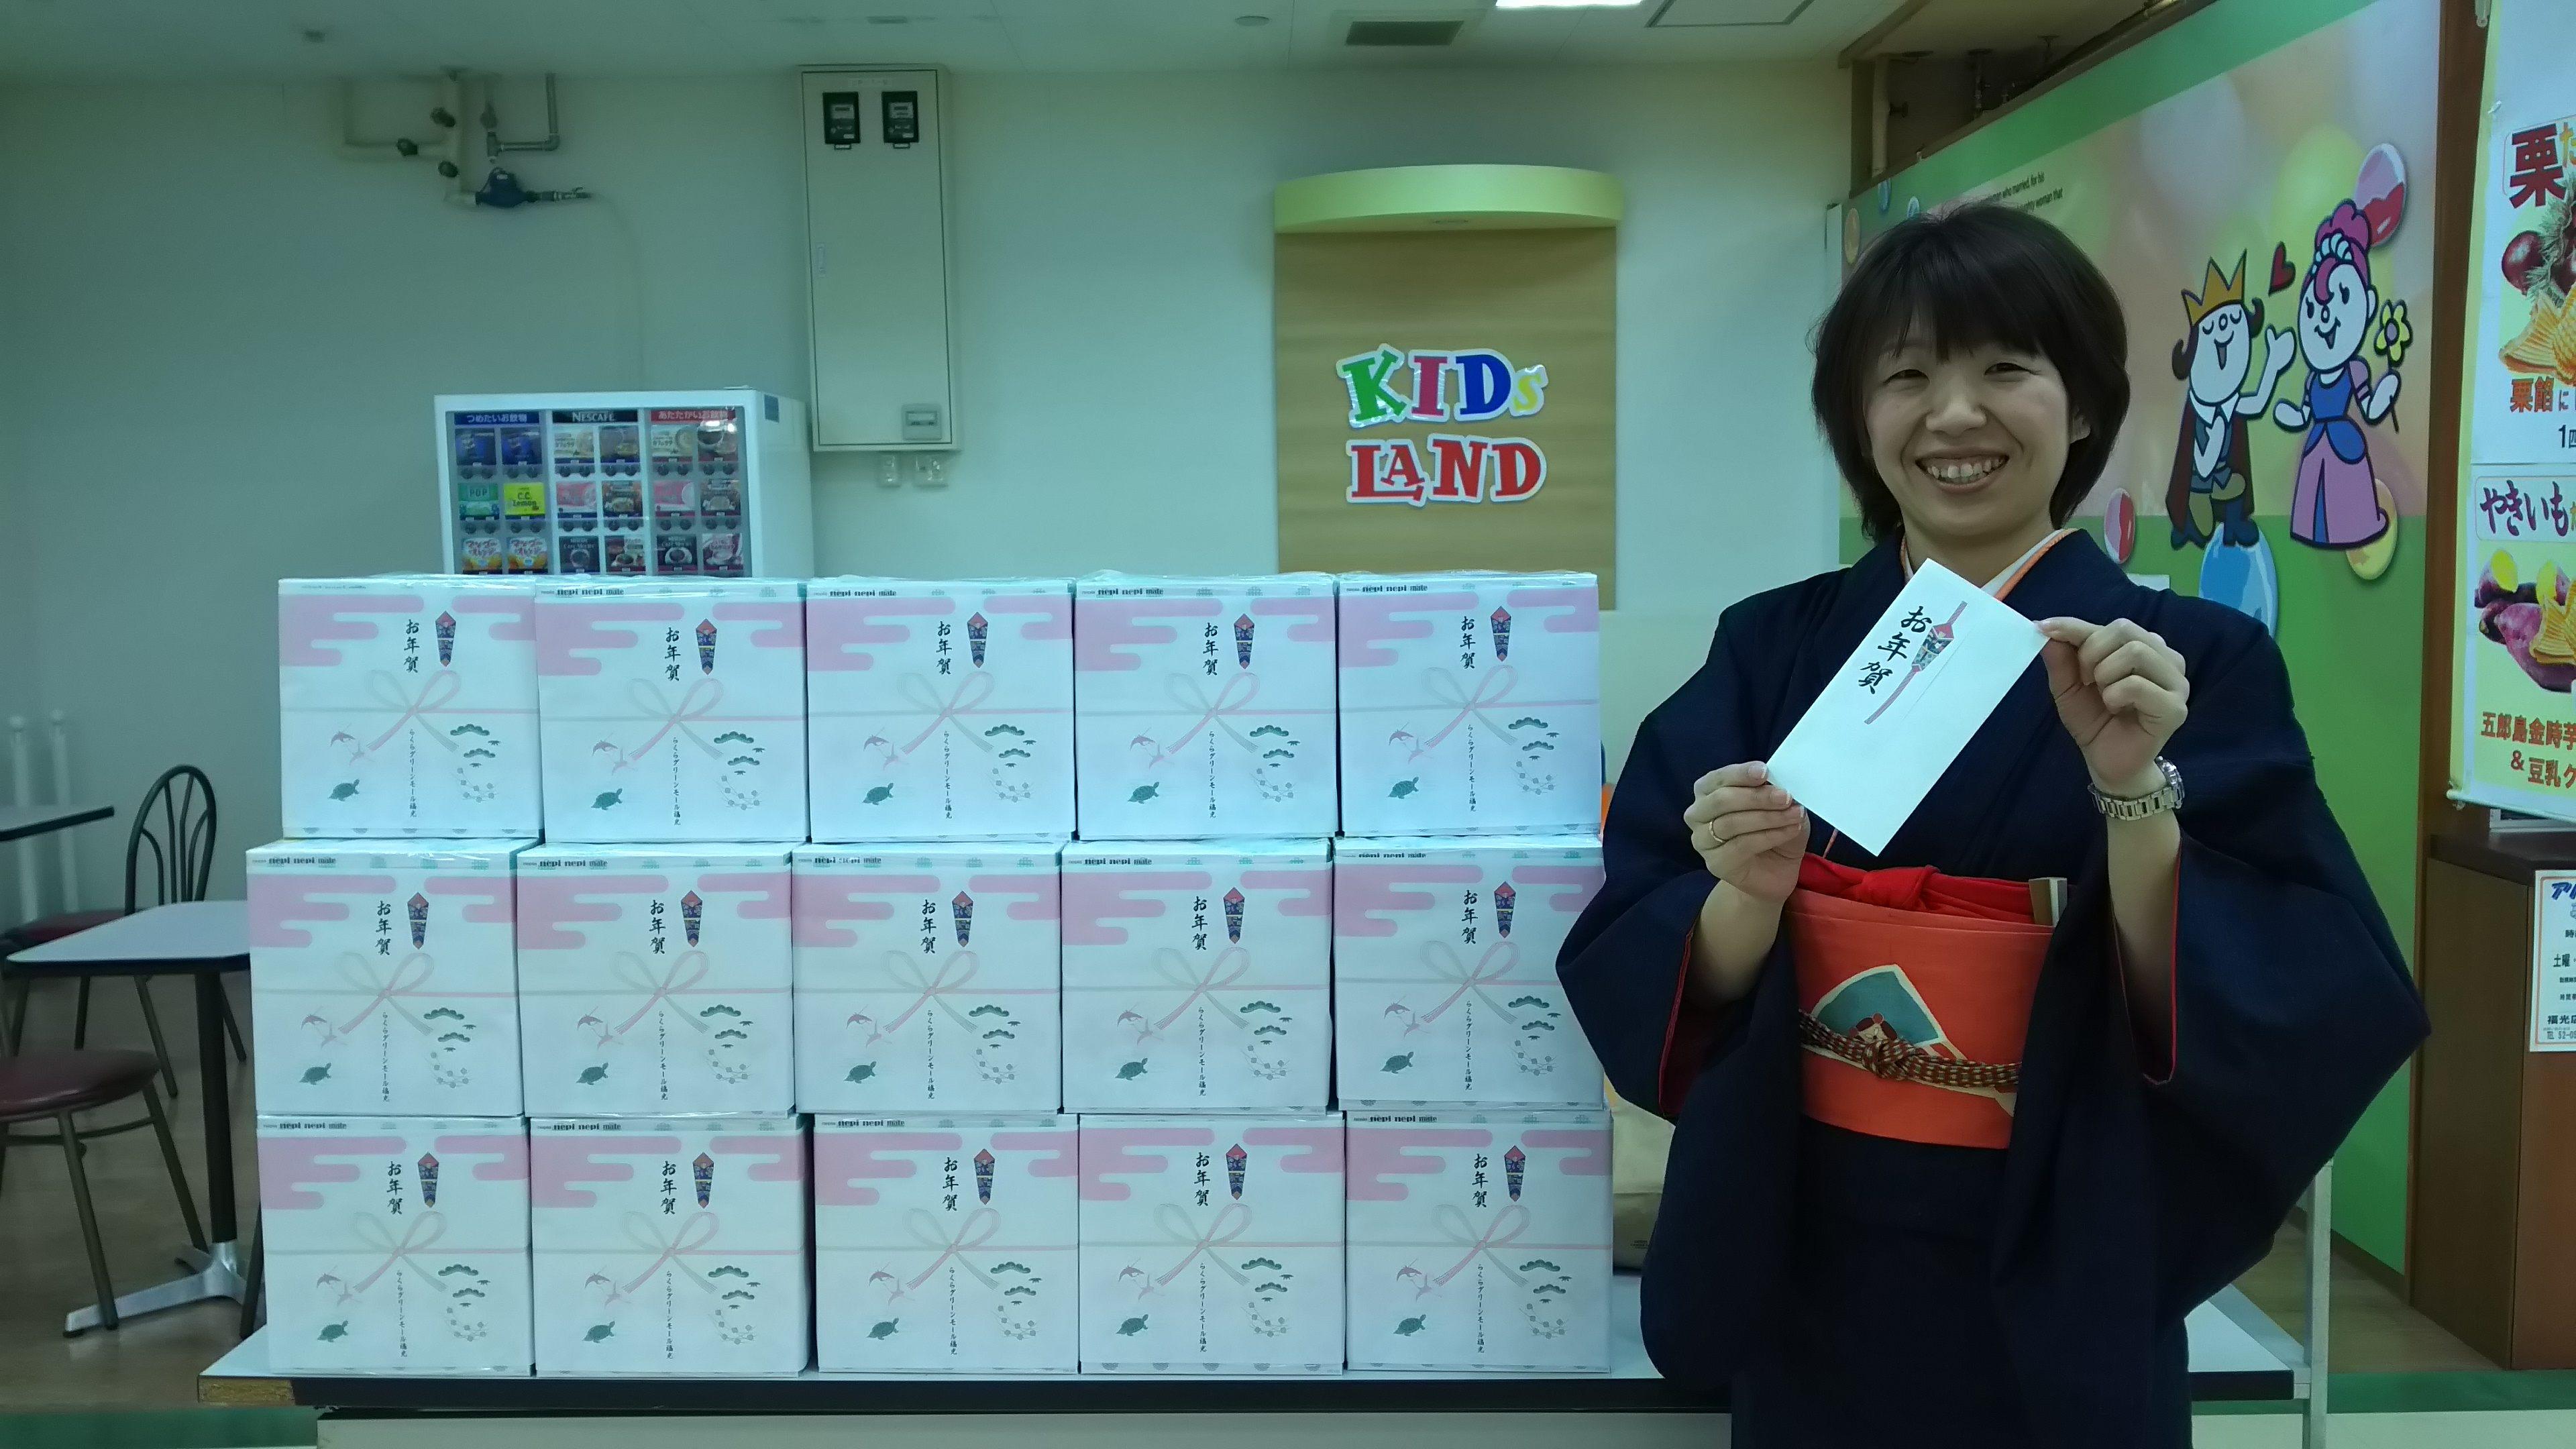 楽蔵グリーンモール福光にて初売りイベントを開催しました。の画像